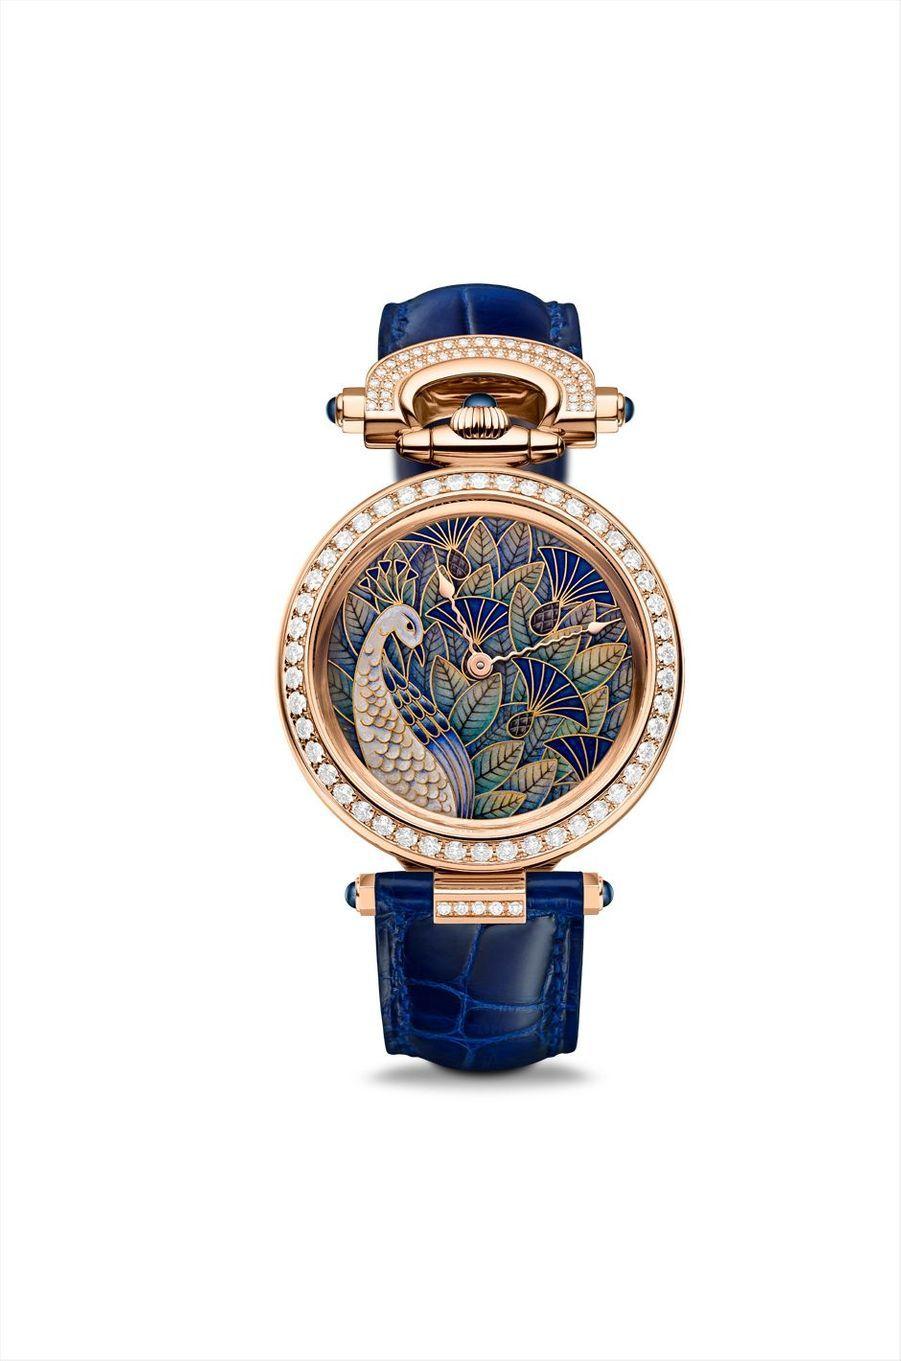 Amadéo Fleurier Blue Peacock en or rose, lunettes et attaches serties de diamants, mouvement automatique, bracelet en alligator, cadran réalisé en émail cloisonné. Bovet. 143 000 €. Pièce Unique.